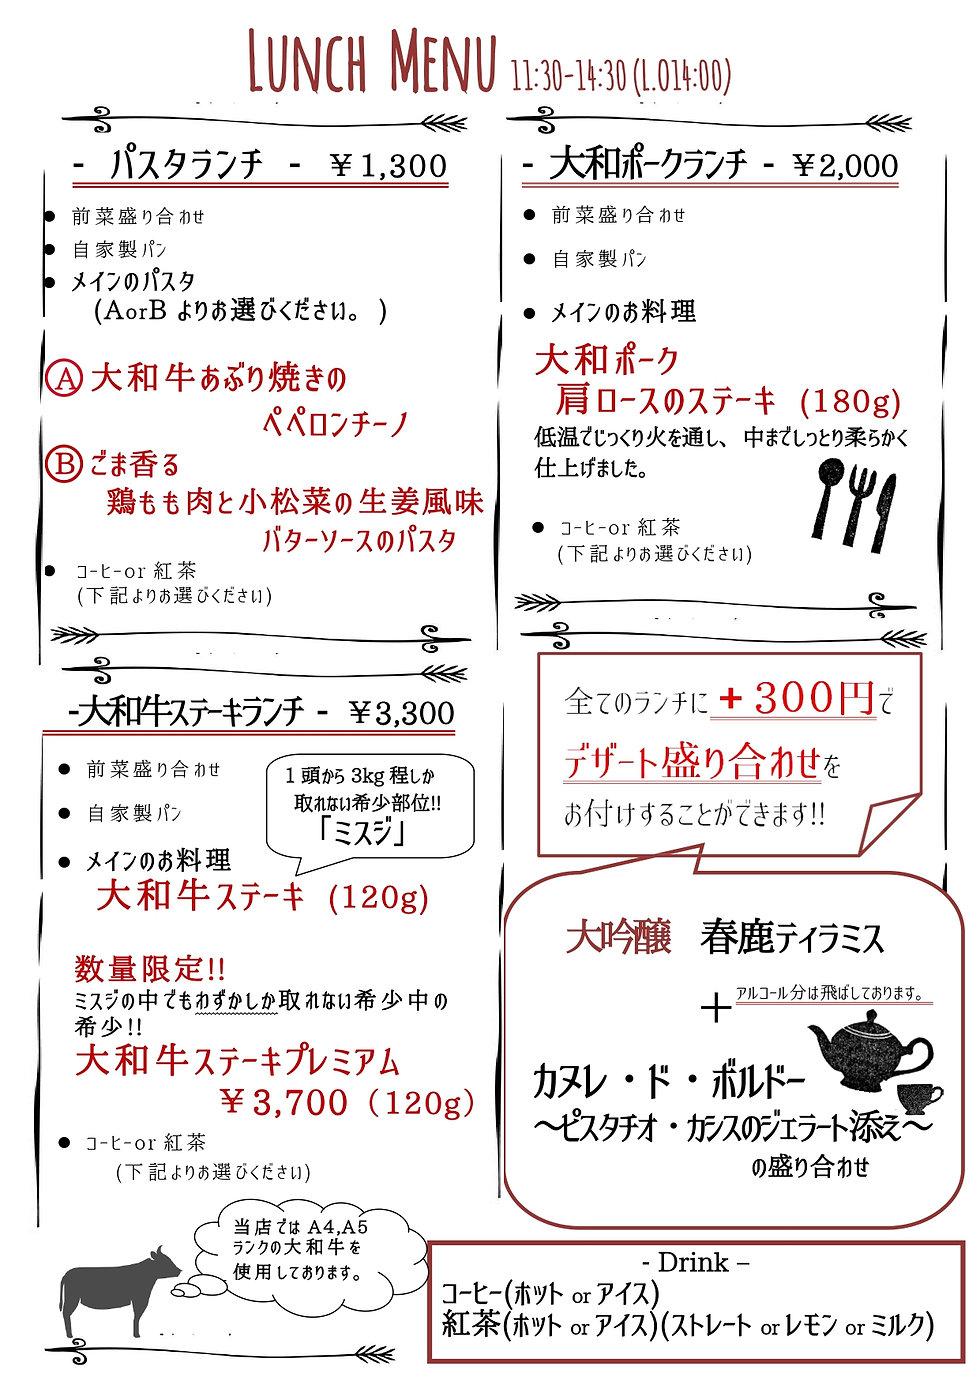 0910ランチメニュー 訂正版 _page-0001.jpg